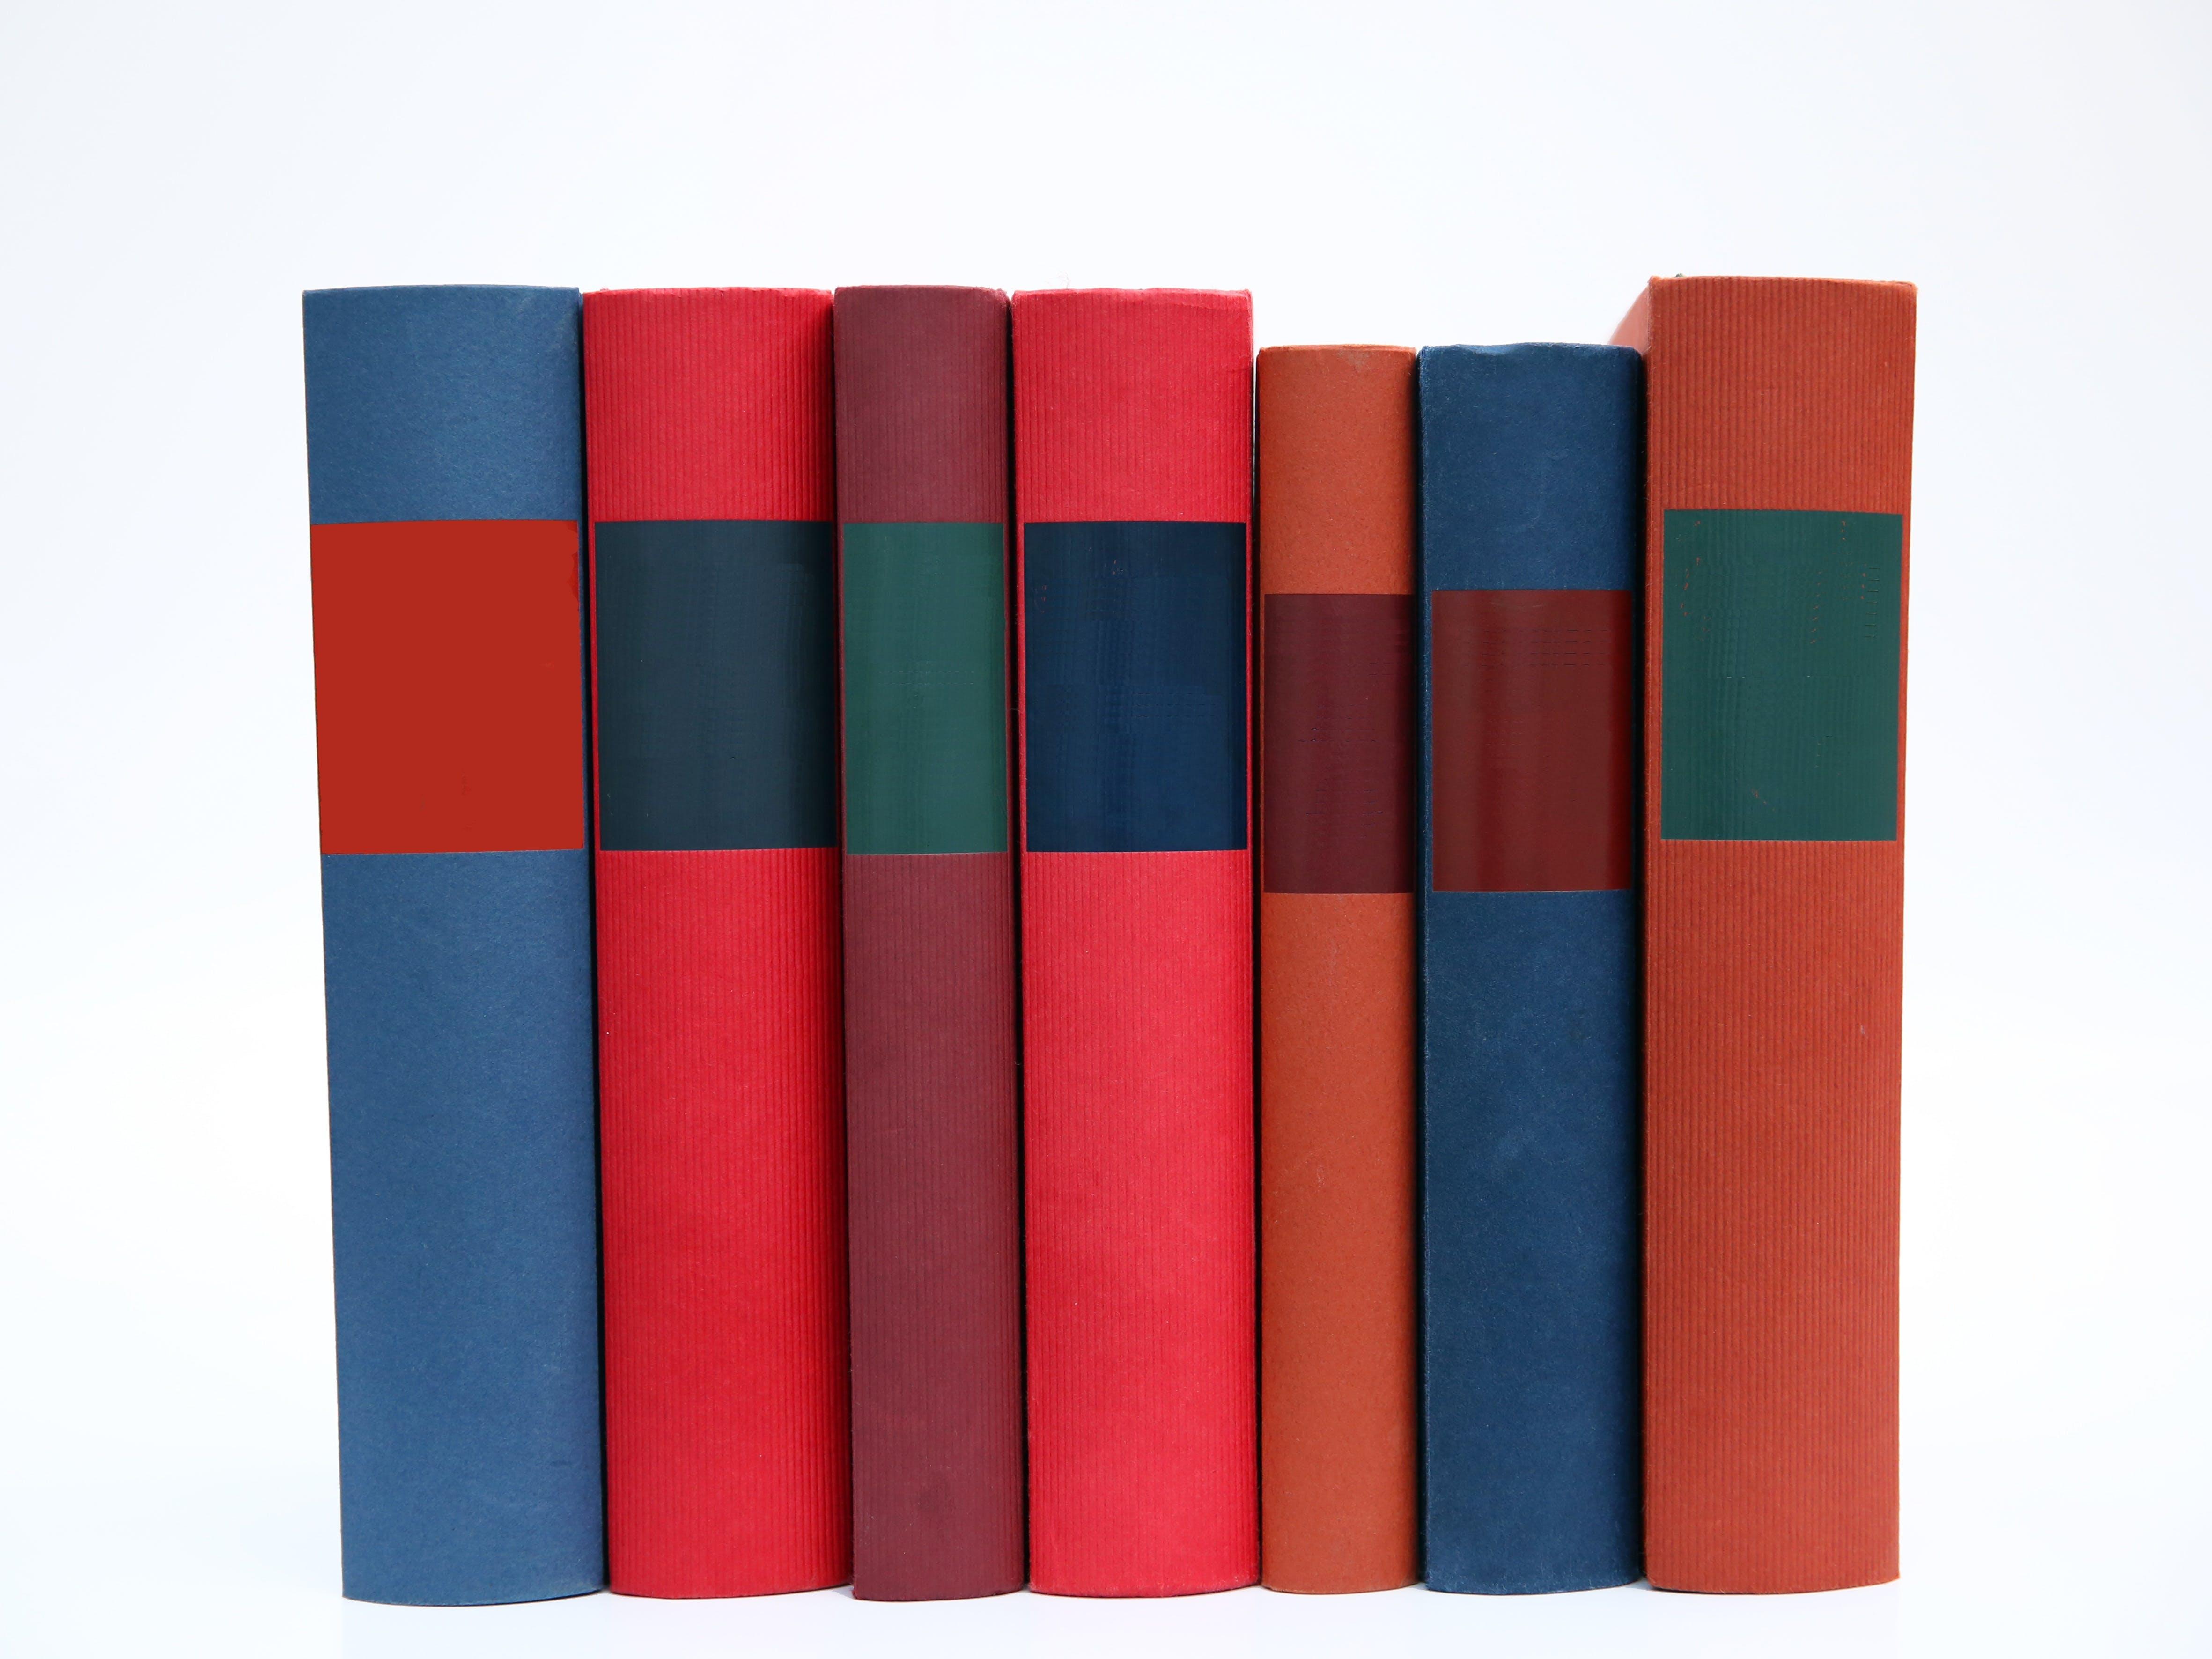 Darmowe zdjęcie z galerii z biblioteka, edukacja, etykieta, kolorowy